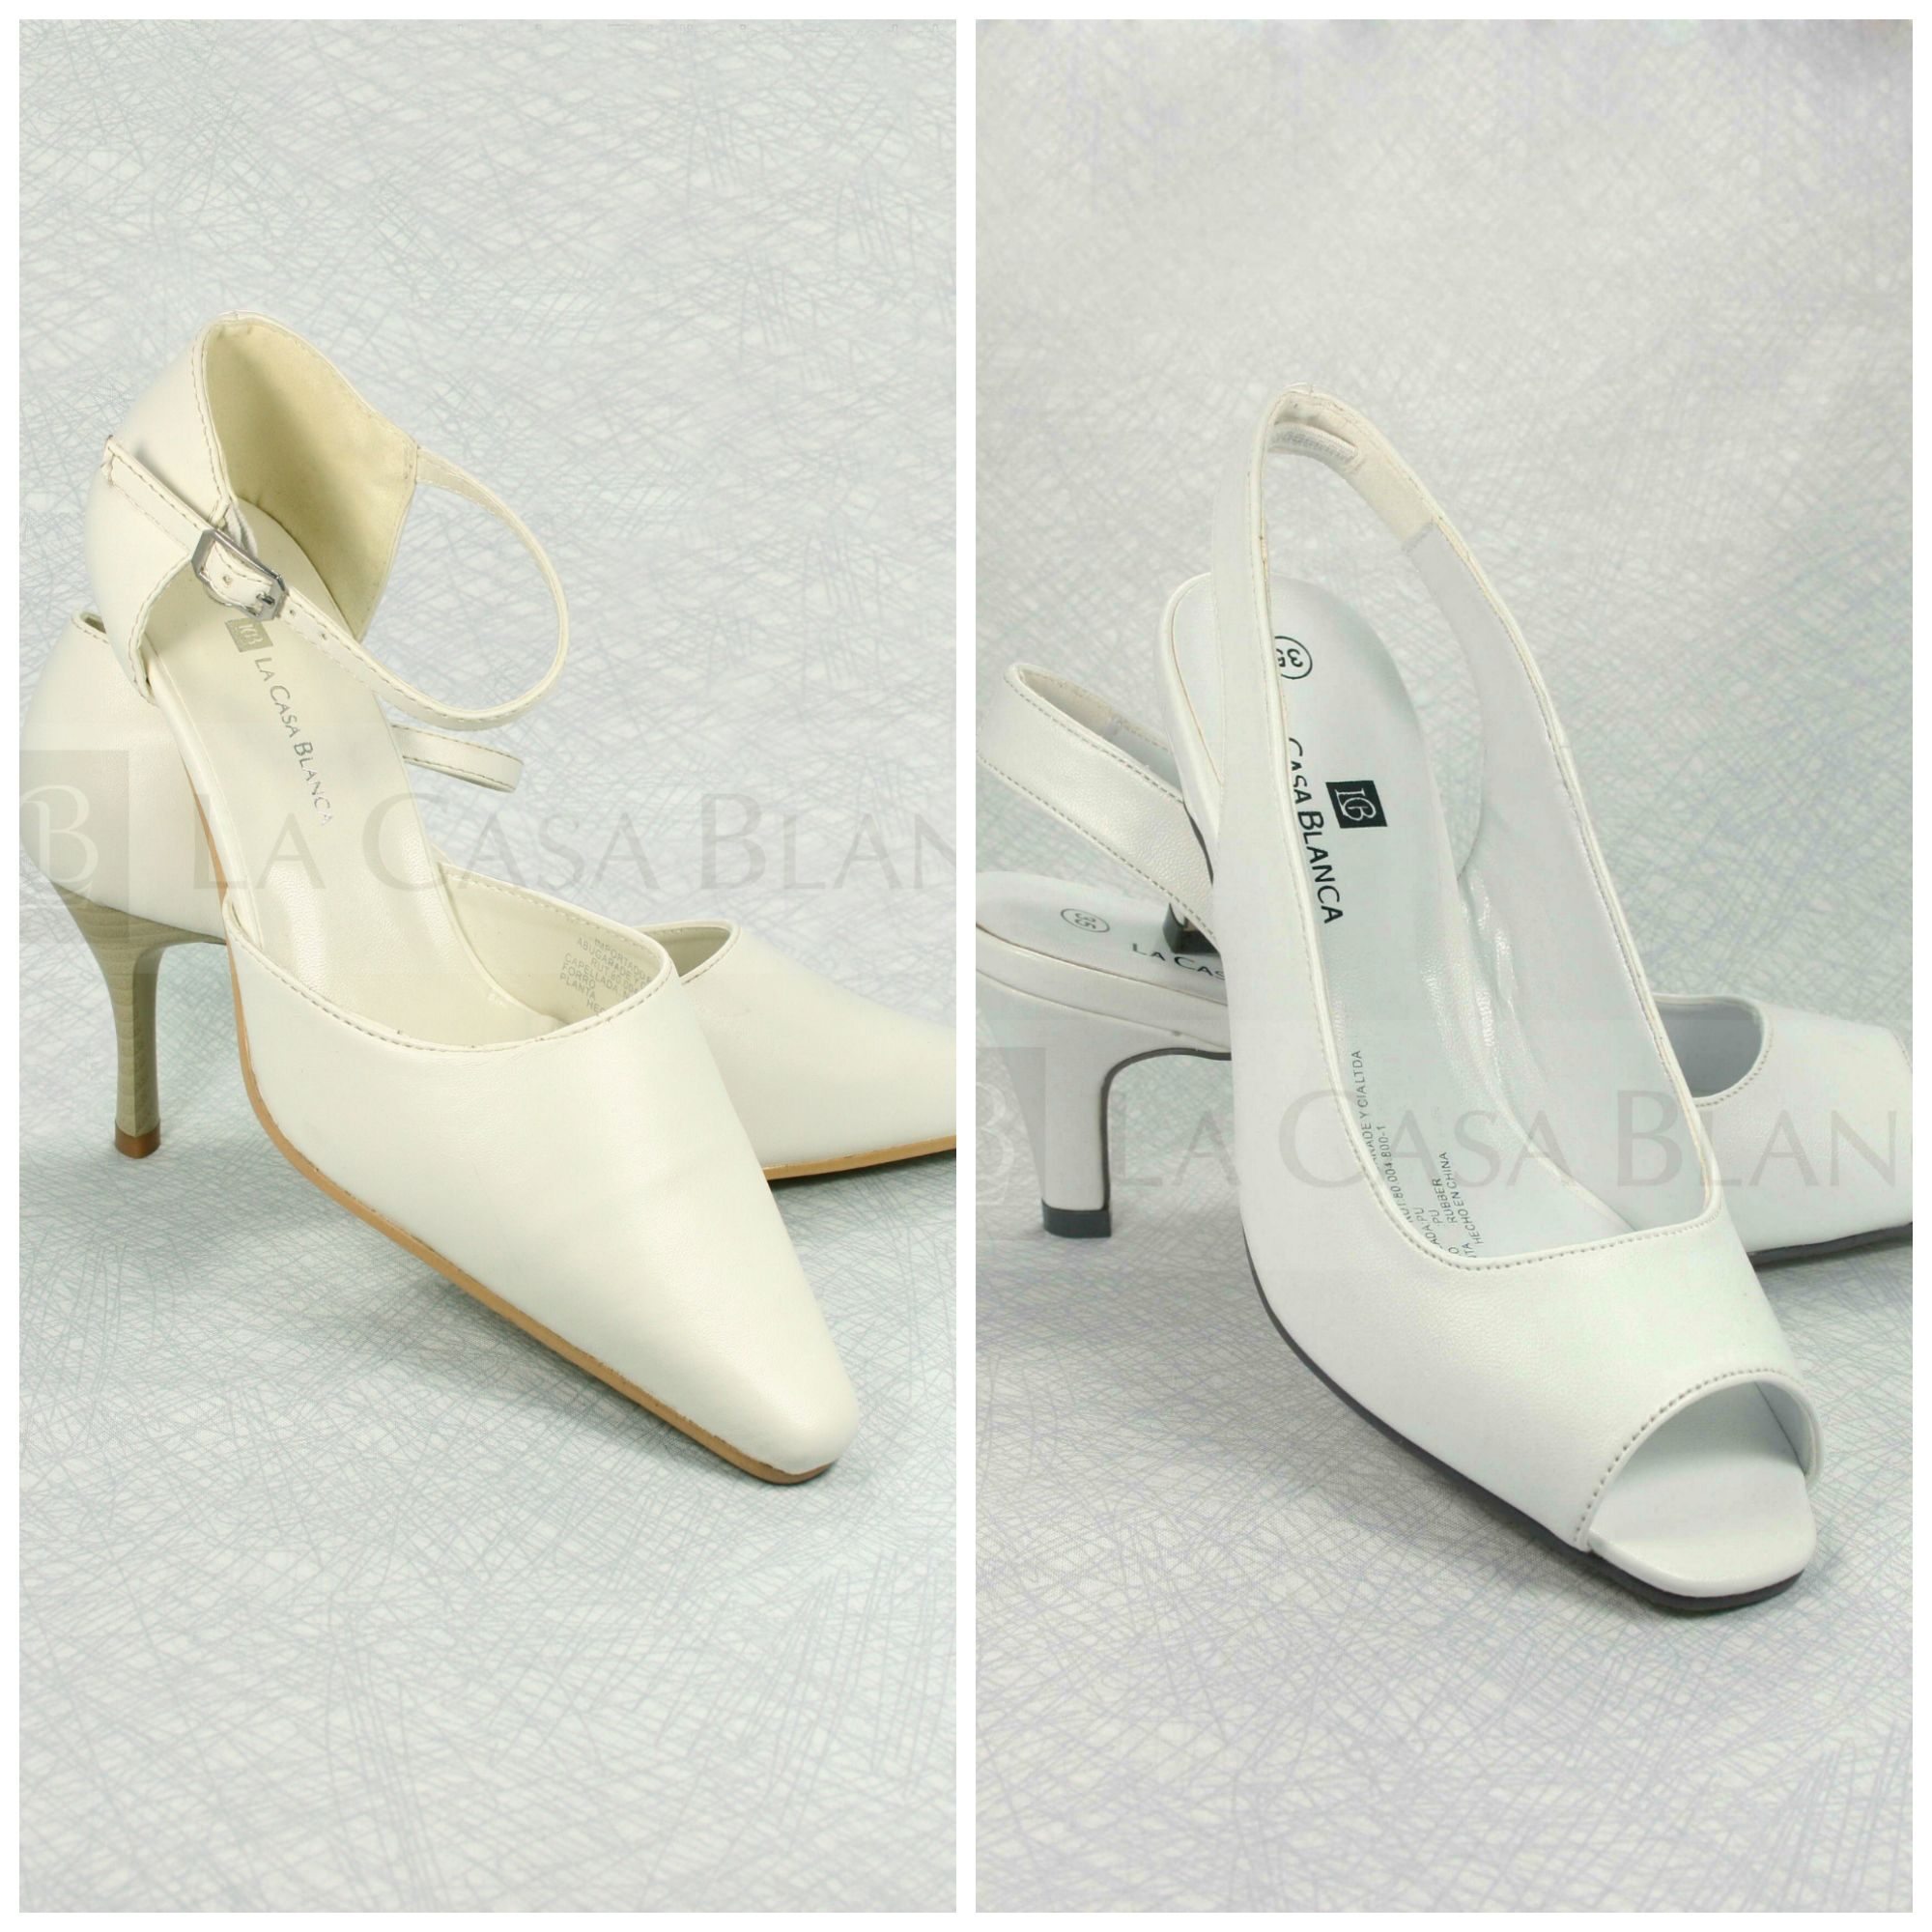 d3c0c683 Créditos: La Casa Blanca | Las 10 mejores tiendas de zapatos de ...